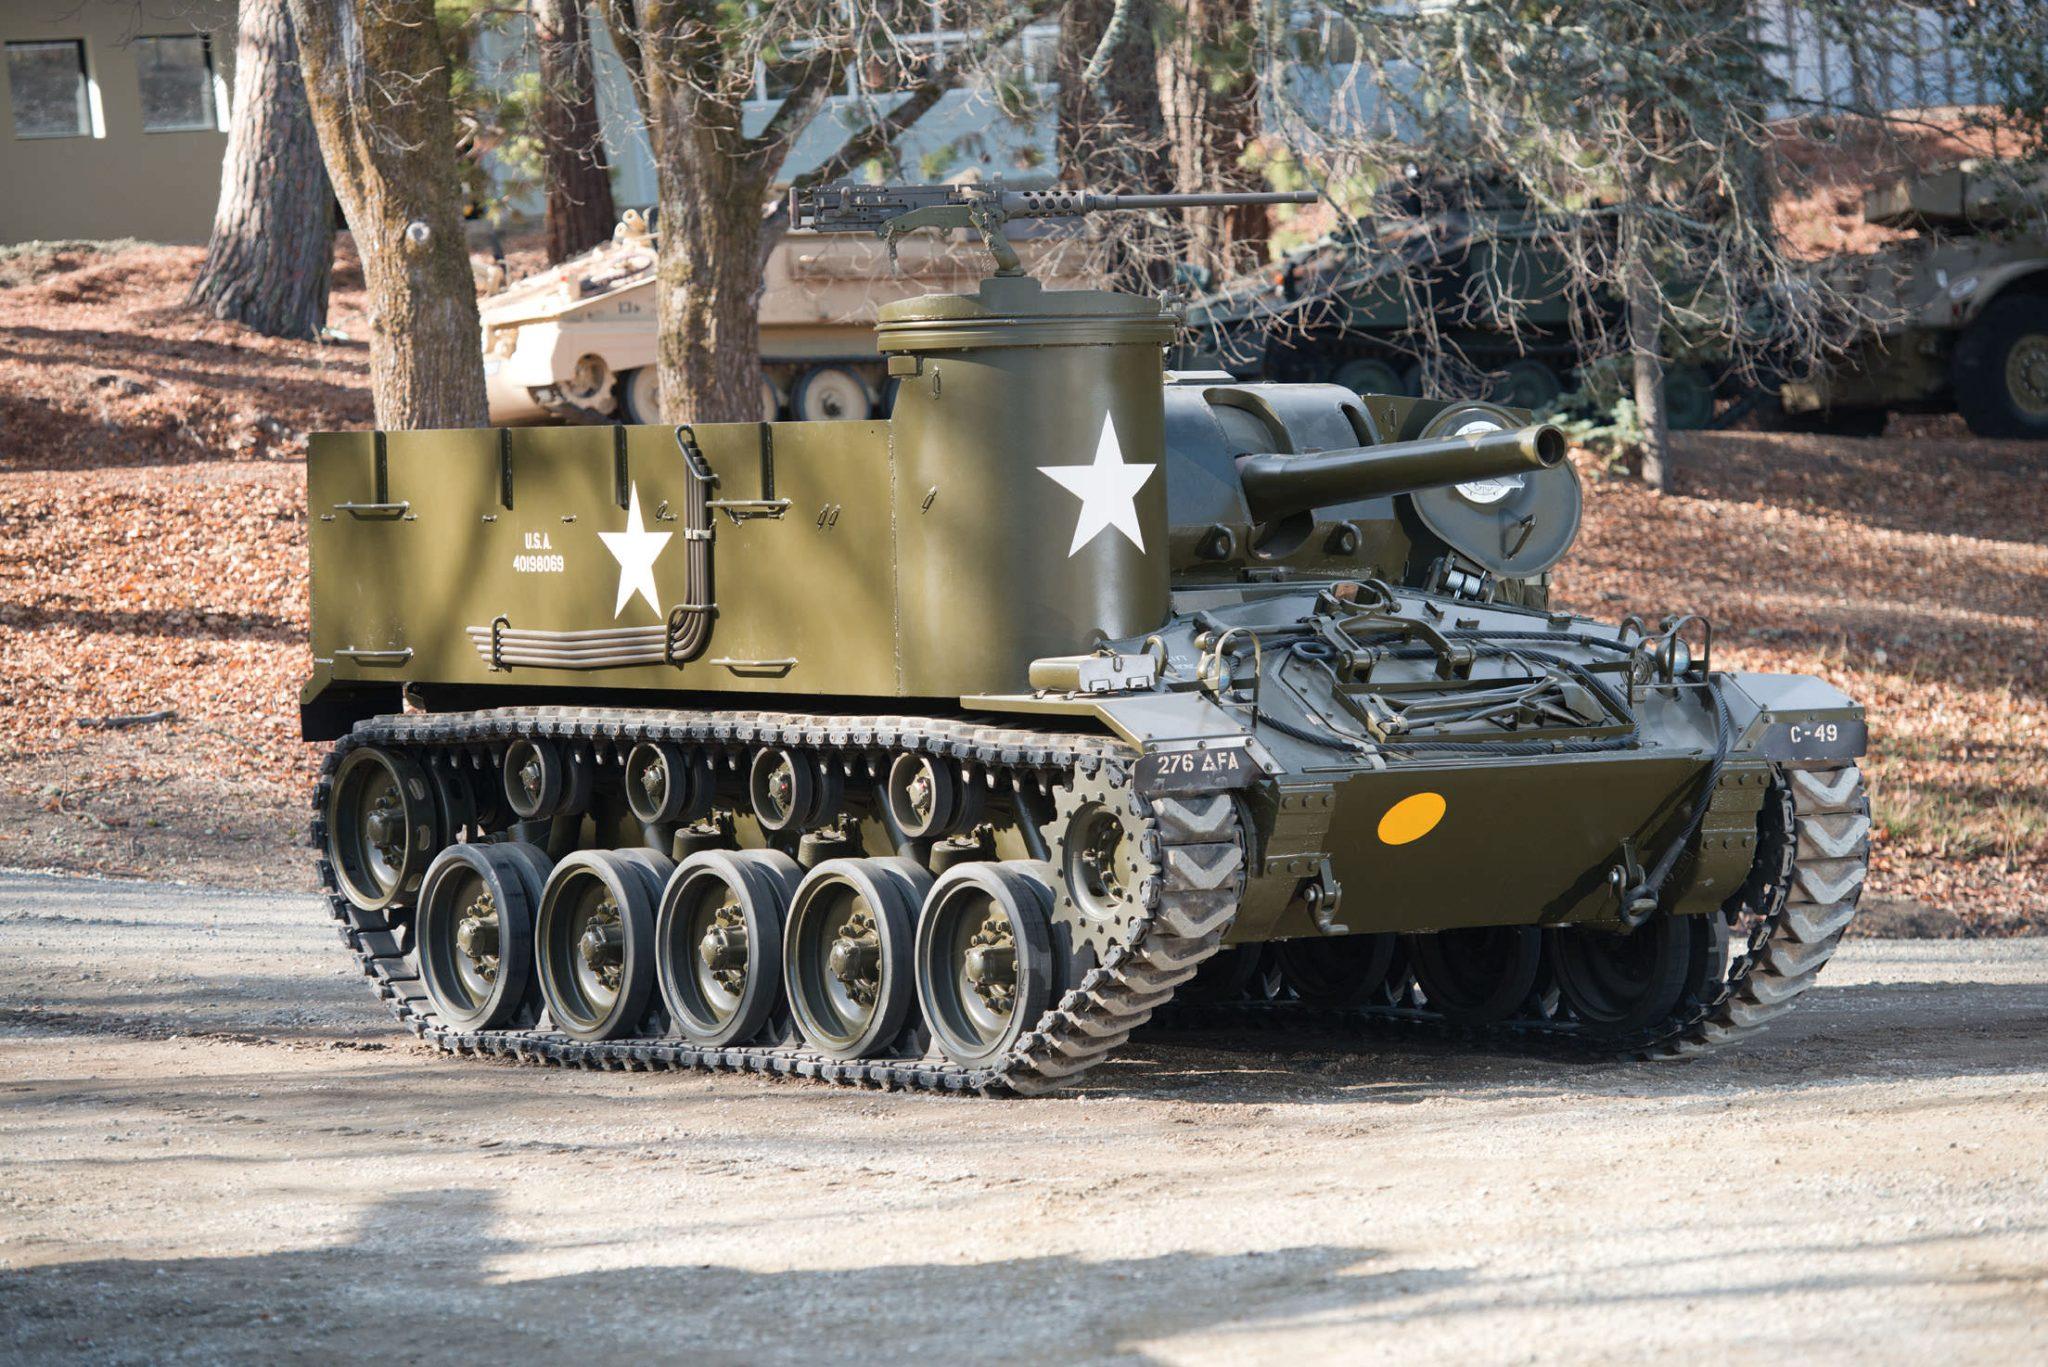 M37 Howitzer Tank